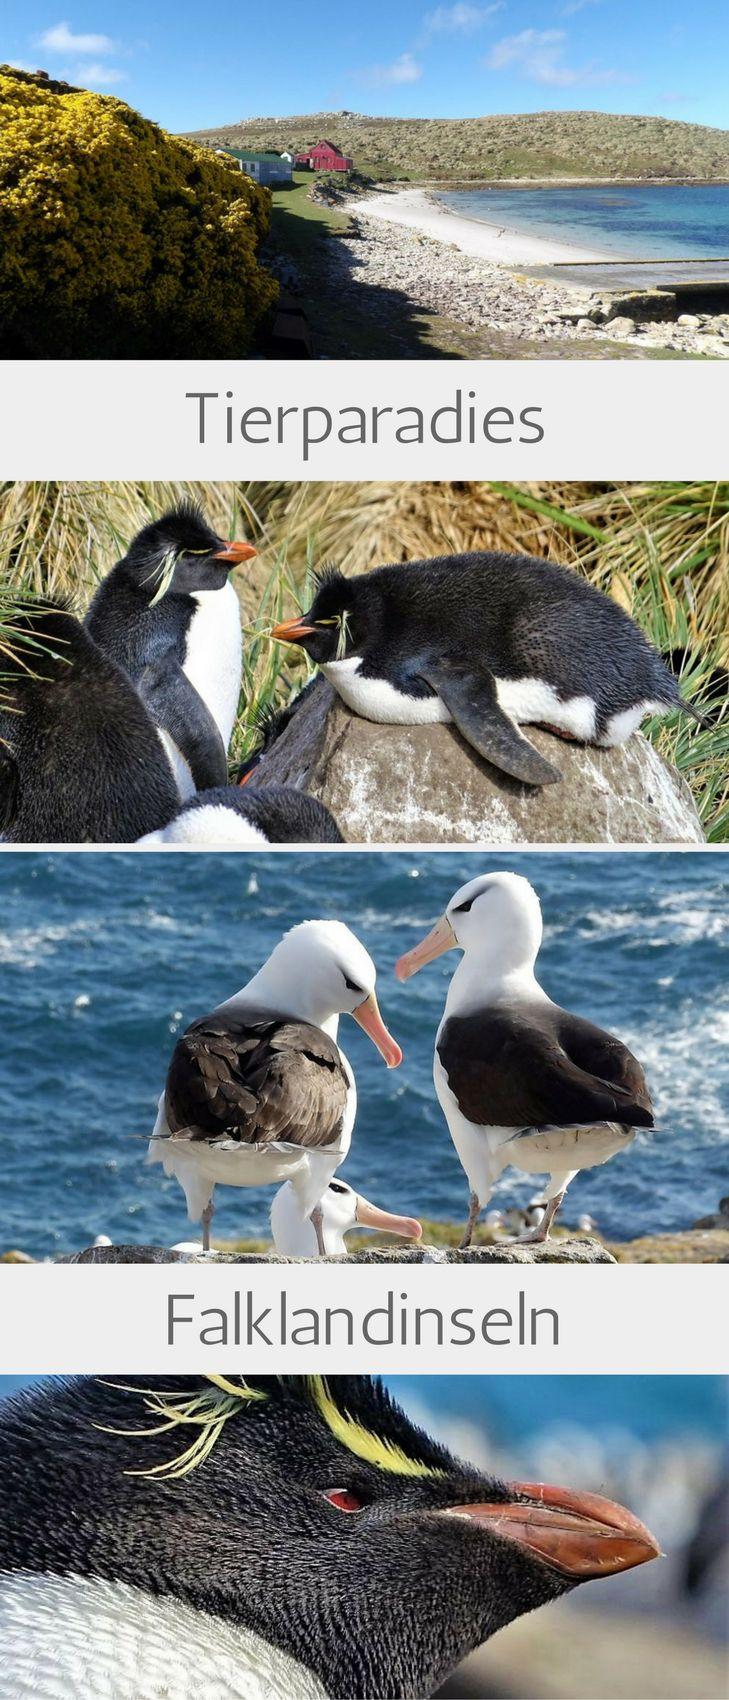 Die Falklandinseln begeistern uns mit Traumstränden und Pinguinen! Ein besonderes Erlebniss ist der Besuch der Kolonie auf West Point Island, wo Felsenpinguine gemeinsam mit Albatrossen nisten.  #Felsenpinguin #falklandinseln #westpointisland #rockhopper #felsenpinguine #falkland #albatros #schwarzbrauenalbatros #blackbrowedalbatross #hurtigruten #reisebericht #travelinspired #reiseinspiration